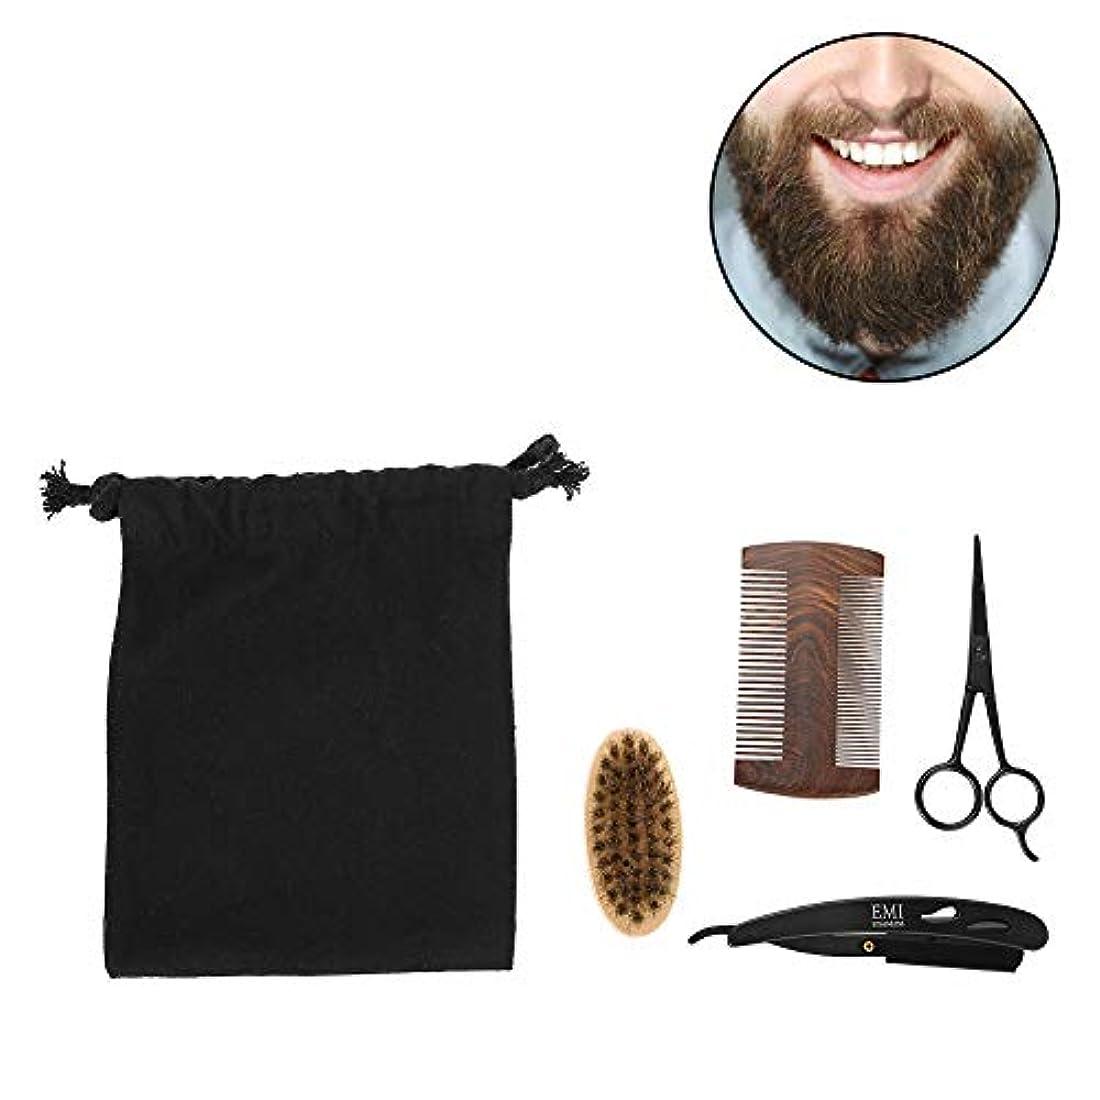 試用ログマラウイ男性のためのSemmeひげグルーミングキット、ひげブラシセット、ひげケアセットスタイル男性のくしブラシはさみキットモデリングクリーニング修理セットとキャンバスバッグ